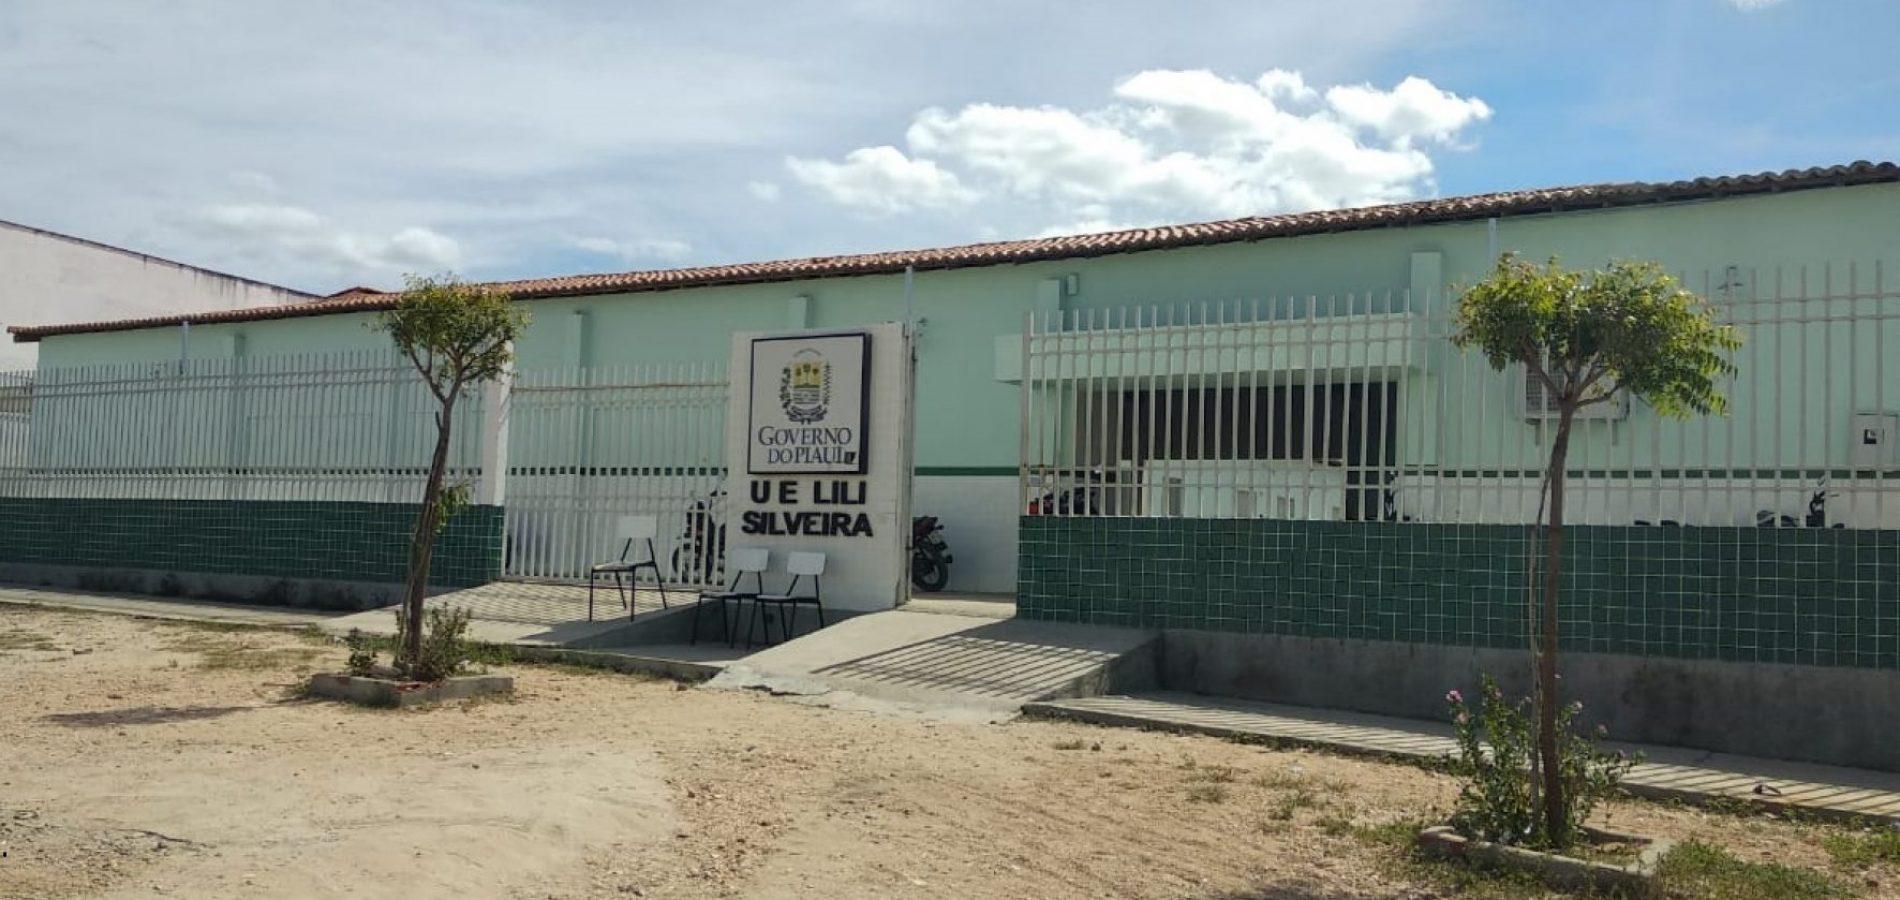 JAICÓS | Escola Lily Silveira seleciona monitores para o Programa Mais Educação